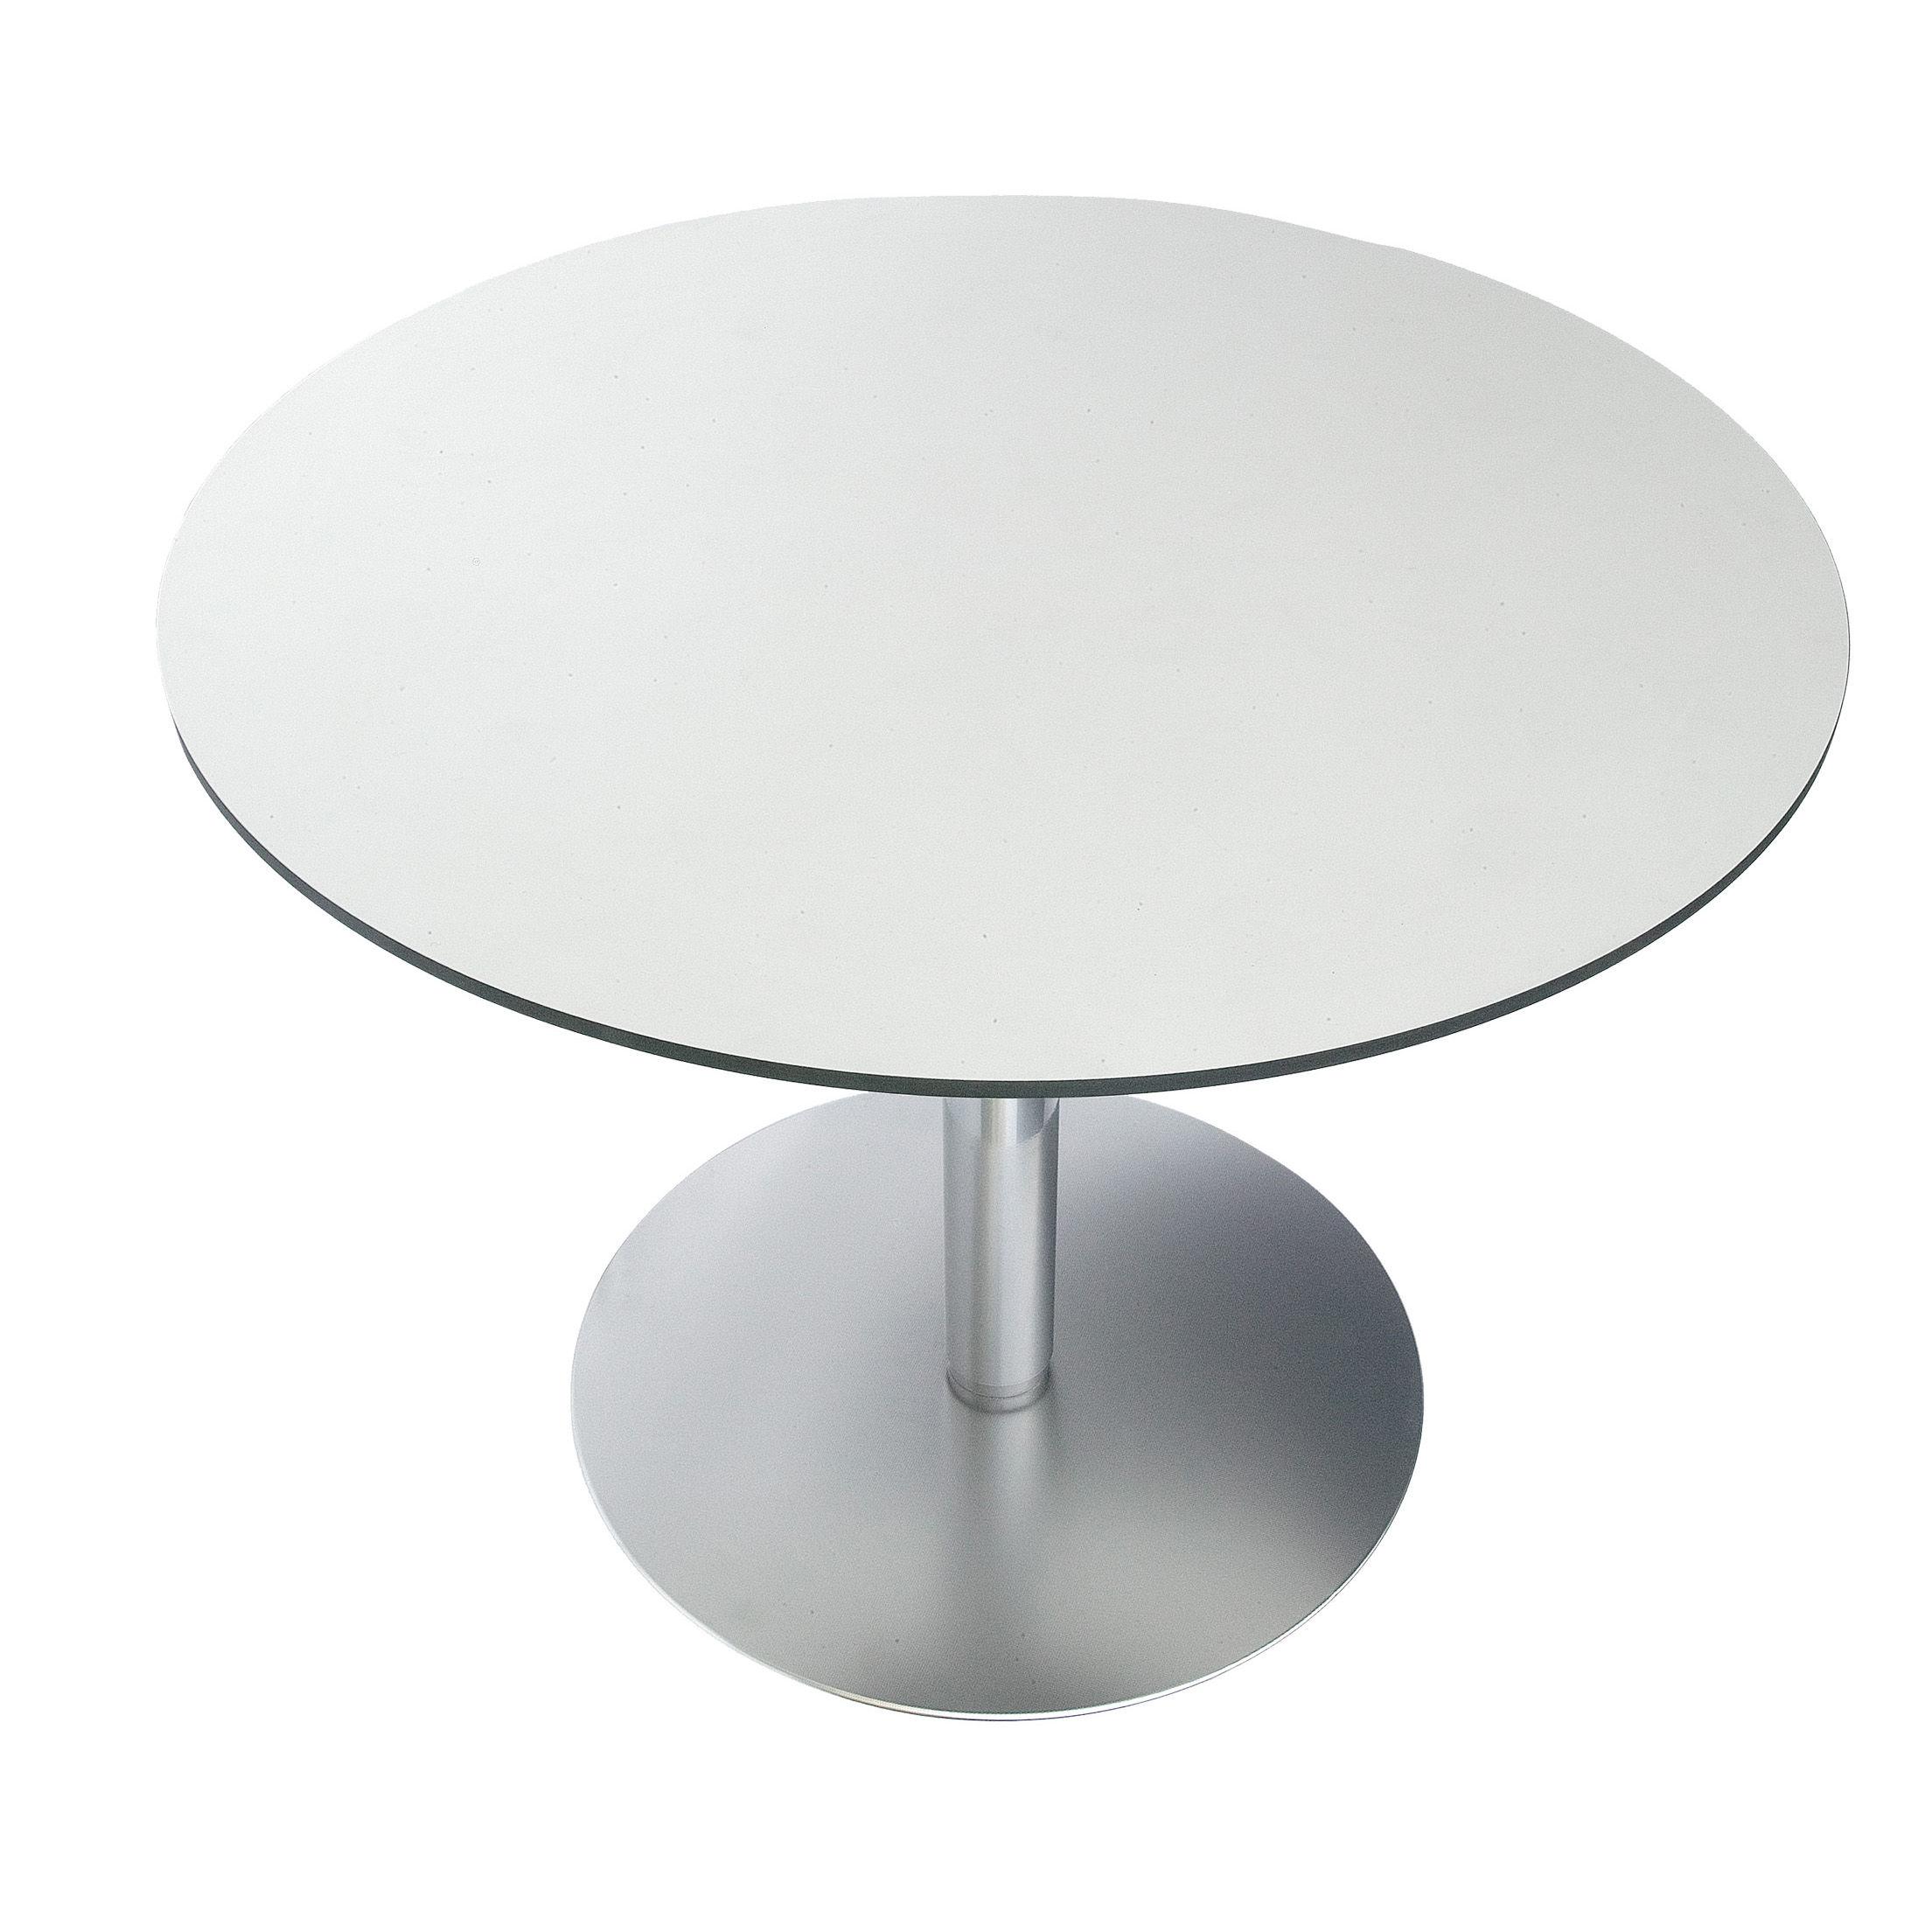 table hauteur r glable brio 60 cm hpl blanc lapalma. Black Bedroom Furniture Sets. Home Design Ideas